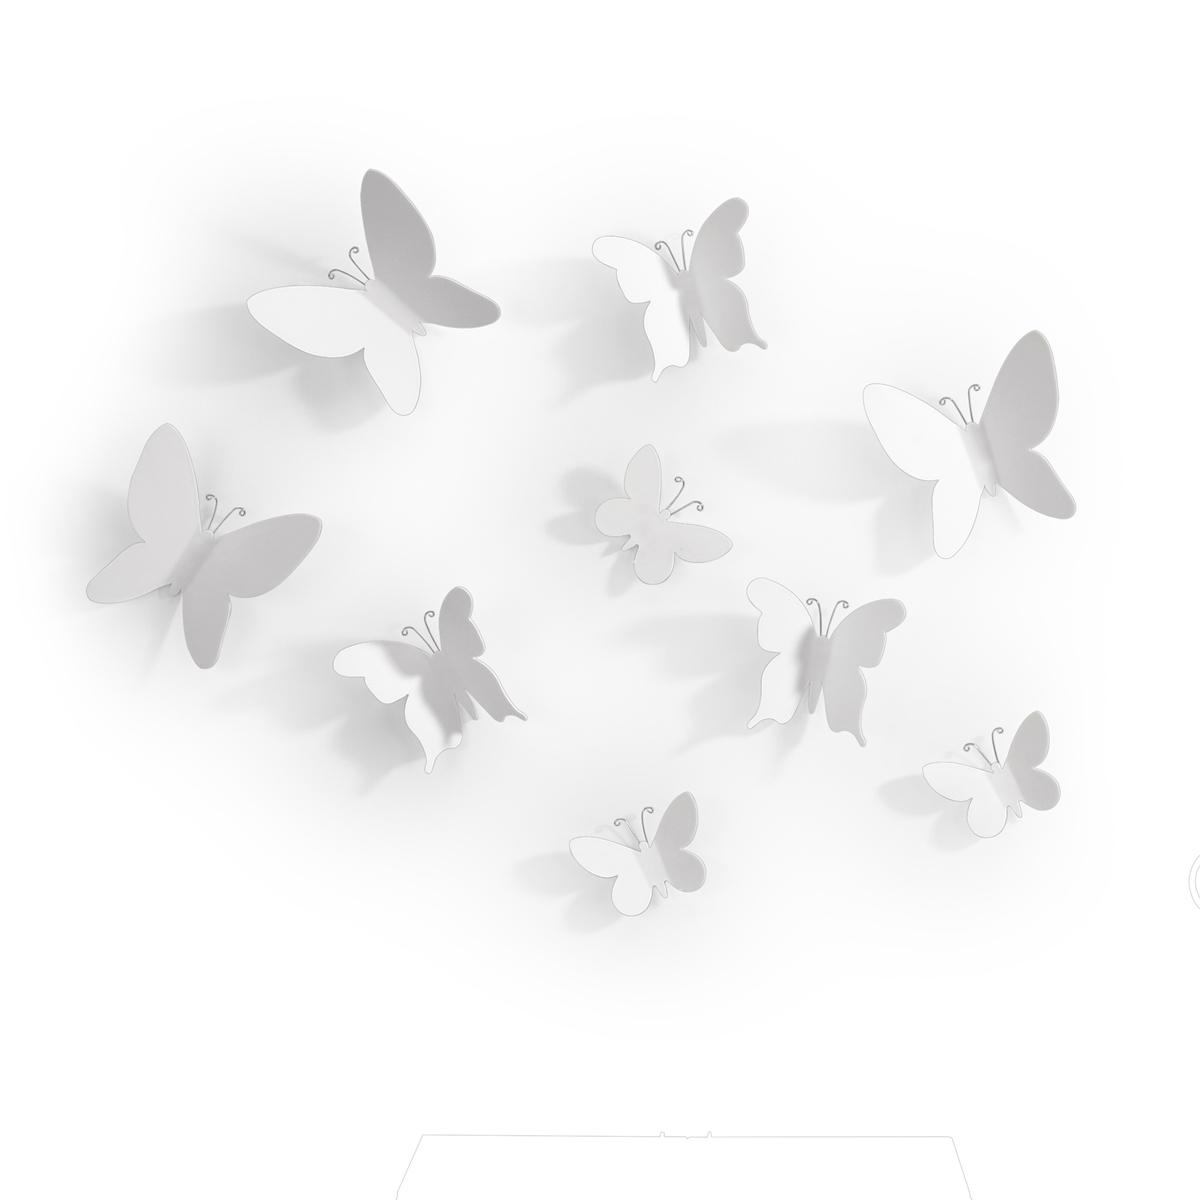 Декоративное украшение Umbra Mariposa, настенное, цвет: белый, 9 шт470130-660Добавьте интерьеру весеннего настроения! Набор из 9 летящих бабочек добавит комнате легкости и превратит любую скучную стену в уникально декорированное пространство. Идеально подойдет для украшения спальни, гостиной или детской комнаты. Крепятся бабочки на специальный двусторонний скотч, который не оставляет следов на стене (идет в комплекте). Три размера: от самой маленькой бабочки 5 х 6 х 1 см до 9 х 10 х 3 см.